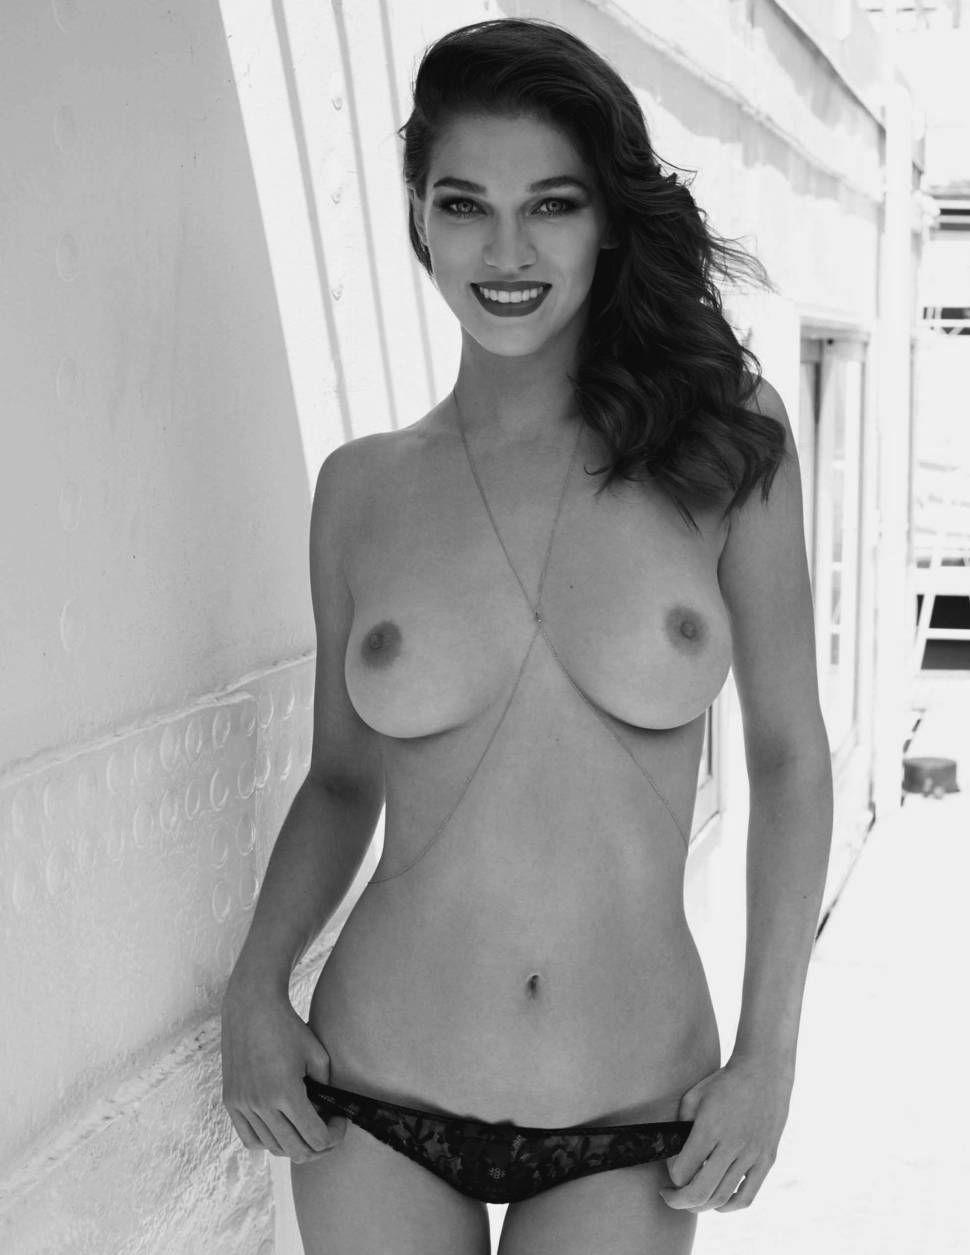 Model sexy leaks